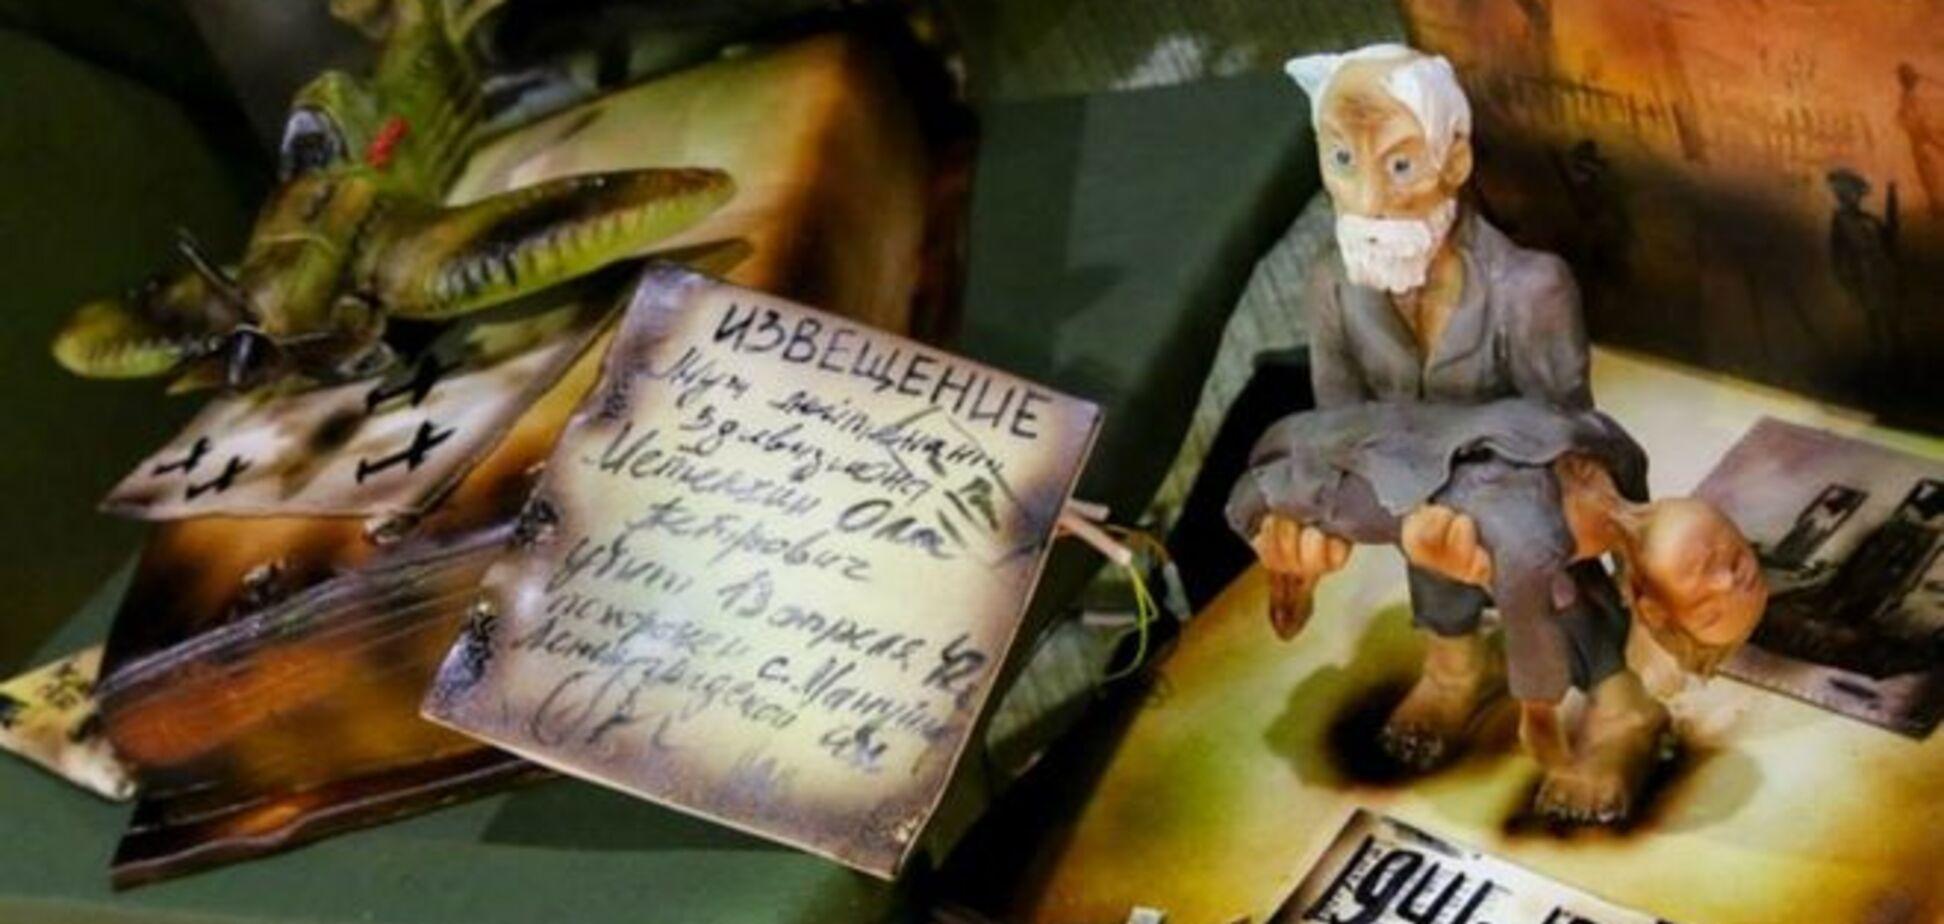 'В Красноярске утром рано дети съели ветерана'. Российских блогеров возмутил торт с мертвым мальчиком